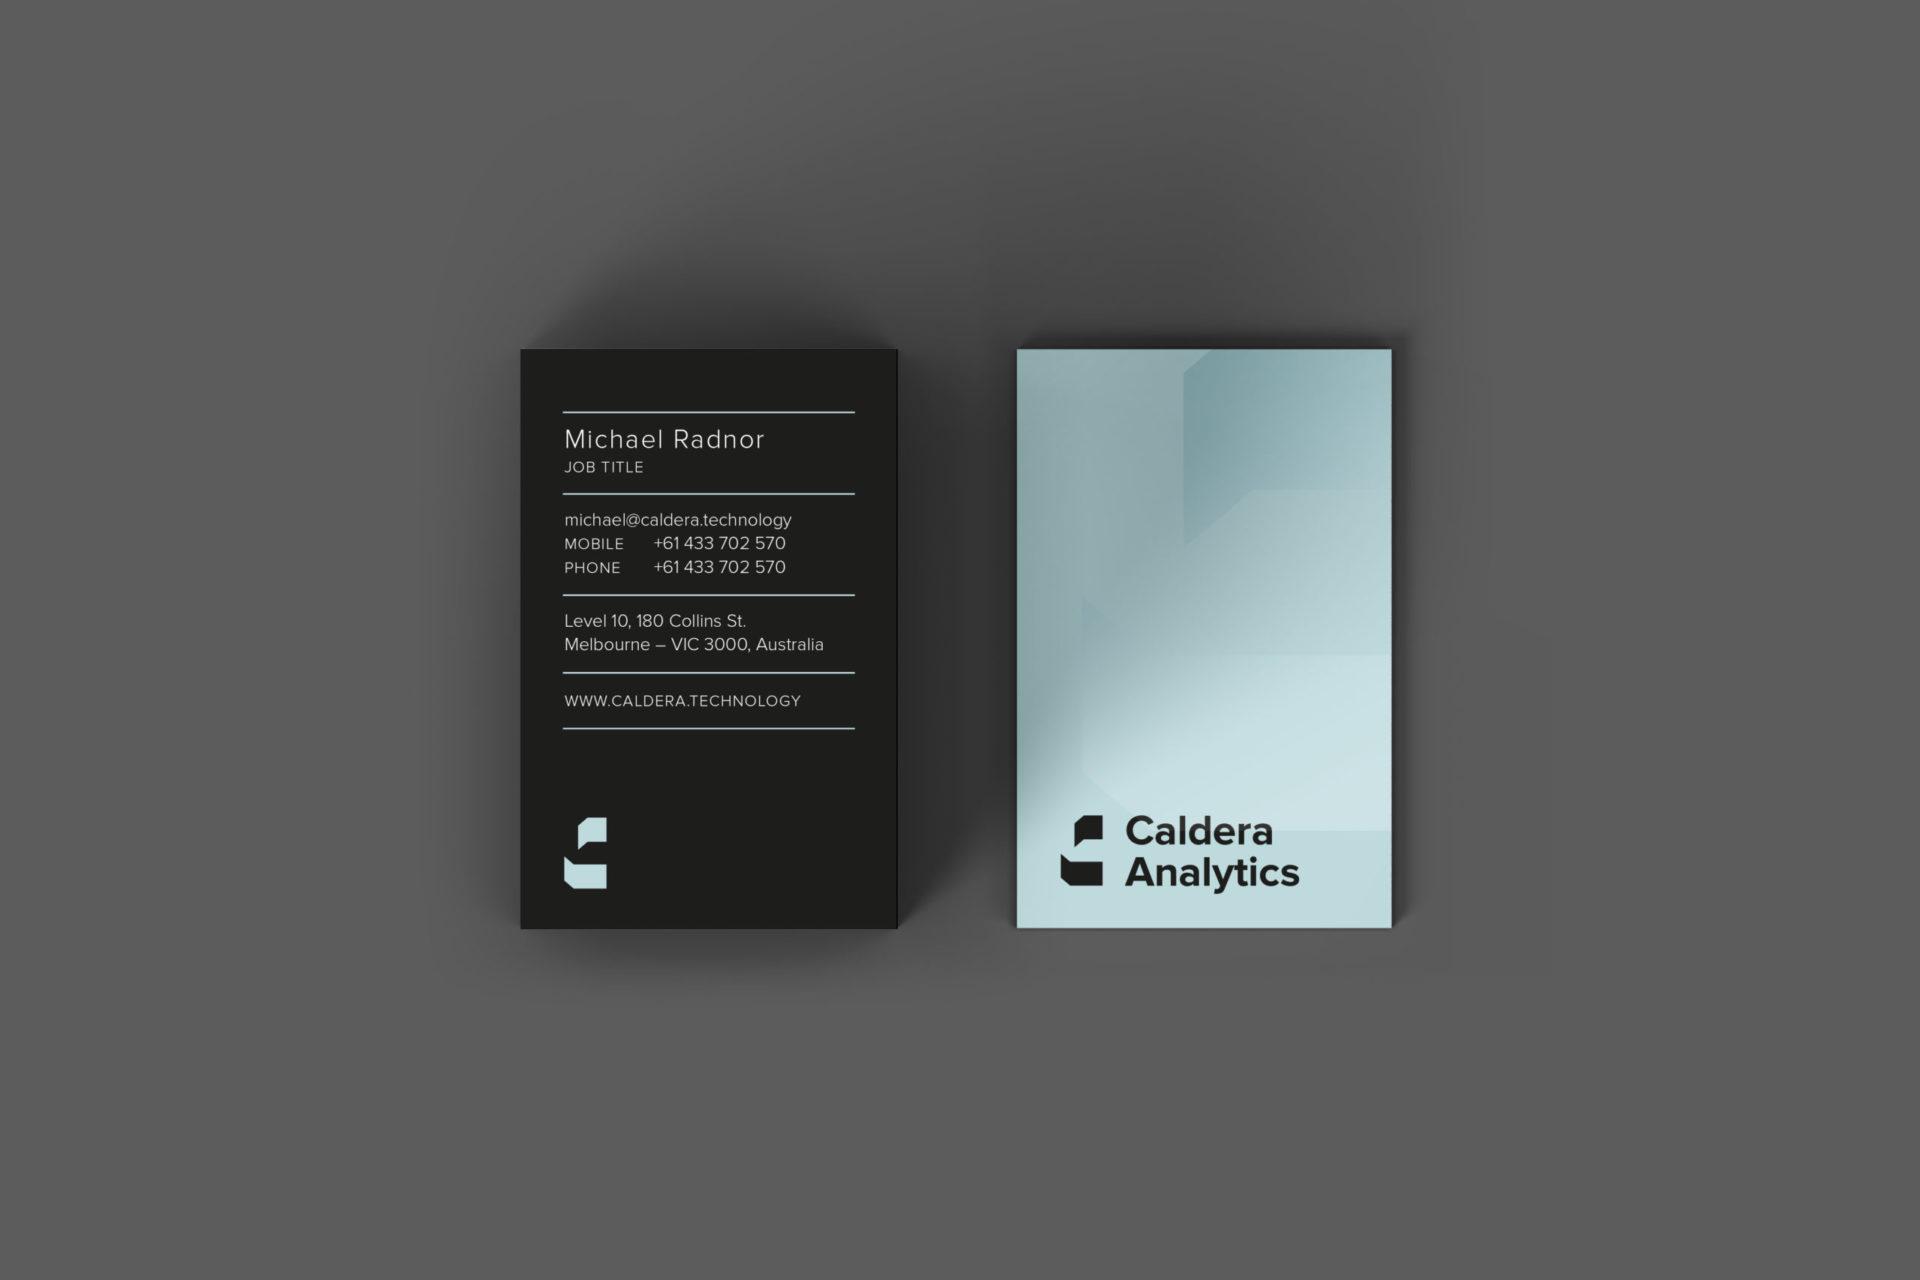 Caldera Analytics